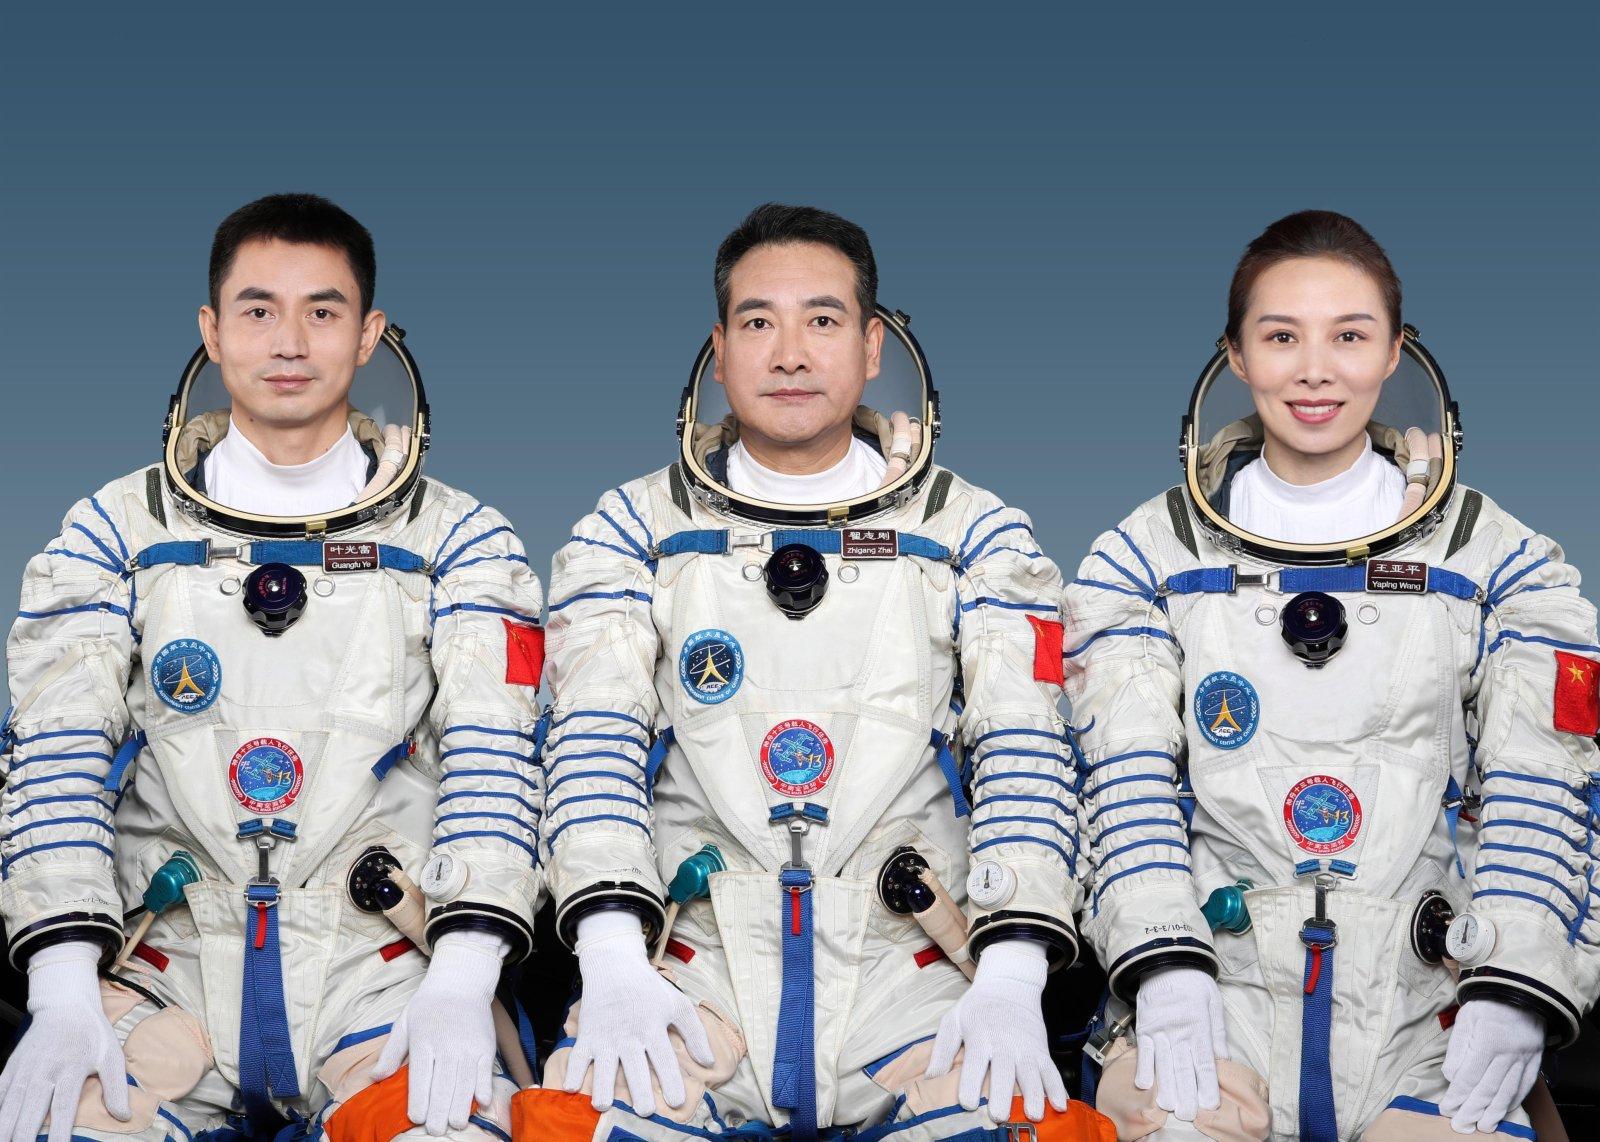 翟志剛、王亞平、葉光富將執行神舟十三號載人飛行任務,在軌駐留6個月。(中國載人航天工程辦公室)